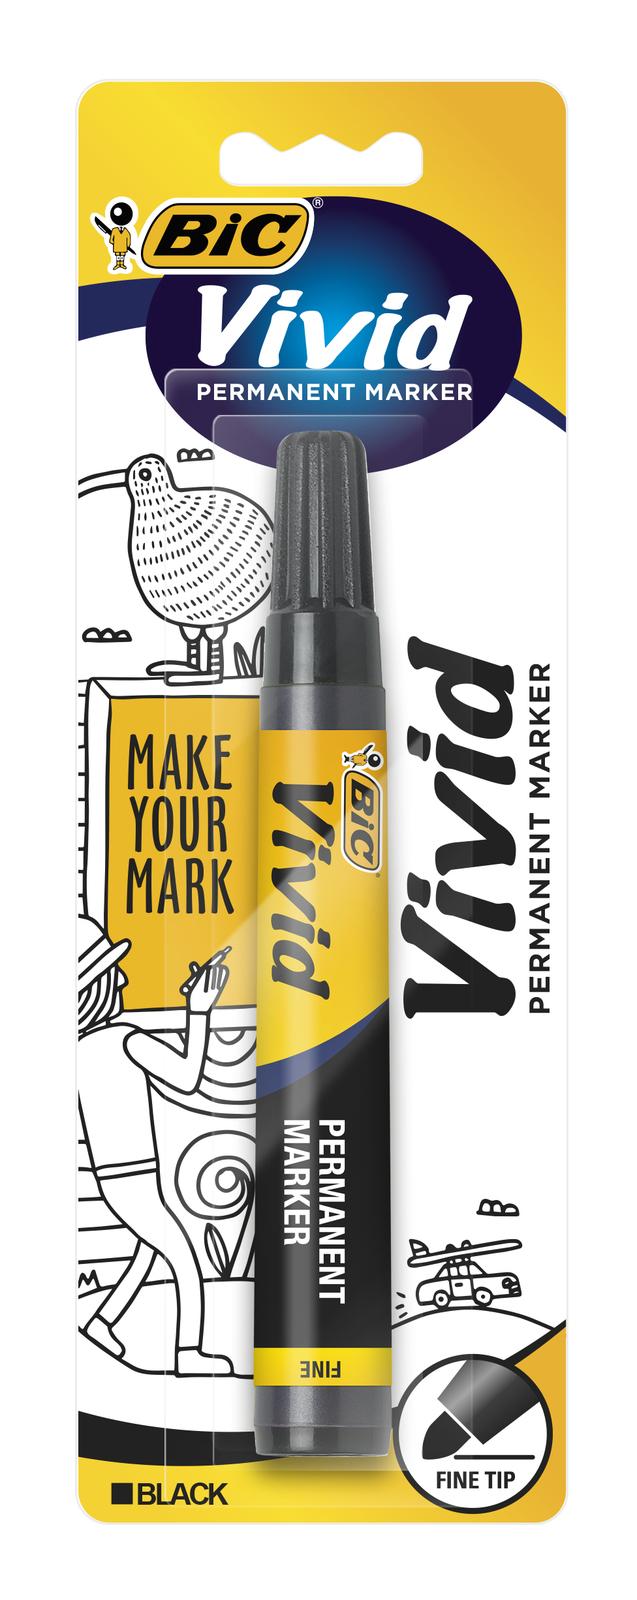 Vivid: Permanent Marker - Fine Tip Black image